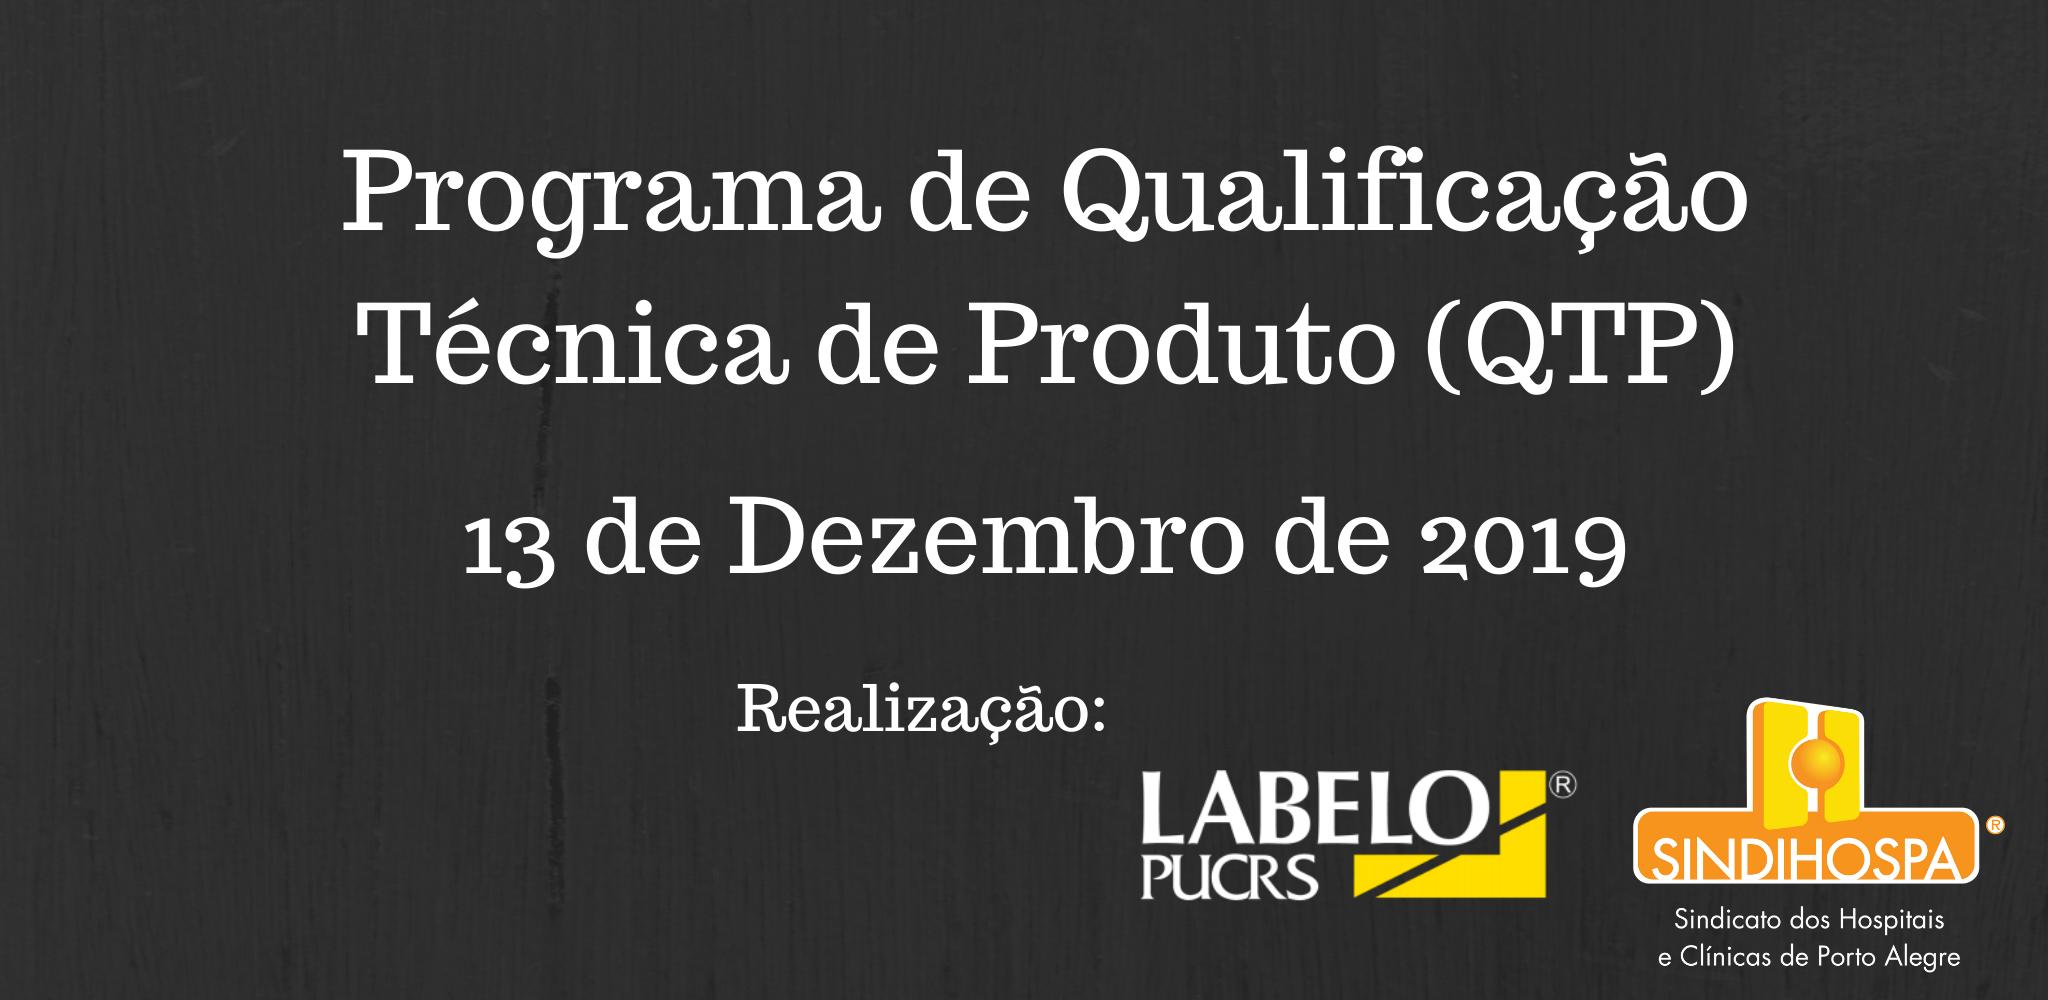 Programa de Qualificação Técnica de Produto (QTP)